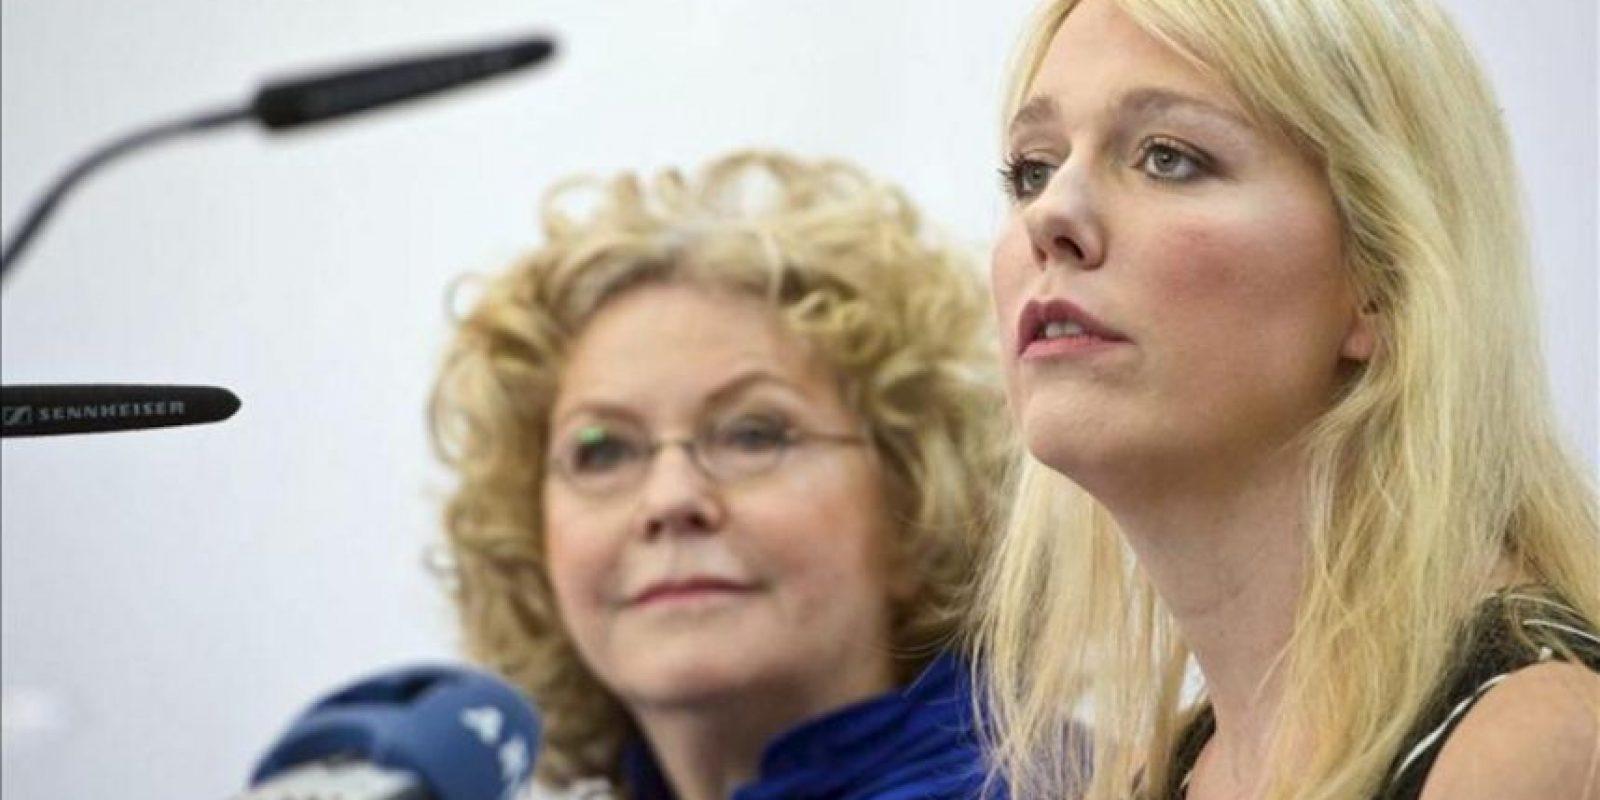 Las codirectoras del Festival Bayreuth, Eva-Wagner-Pasquier (dcha) y Katharina Wagnerm, ofrecen una rueda de prensa antes del comienzo del Festival de Bayreuth 2012 en Bayreuth (Alemania). EFE